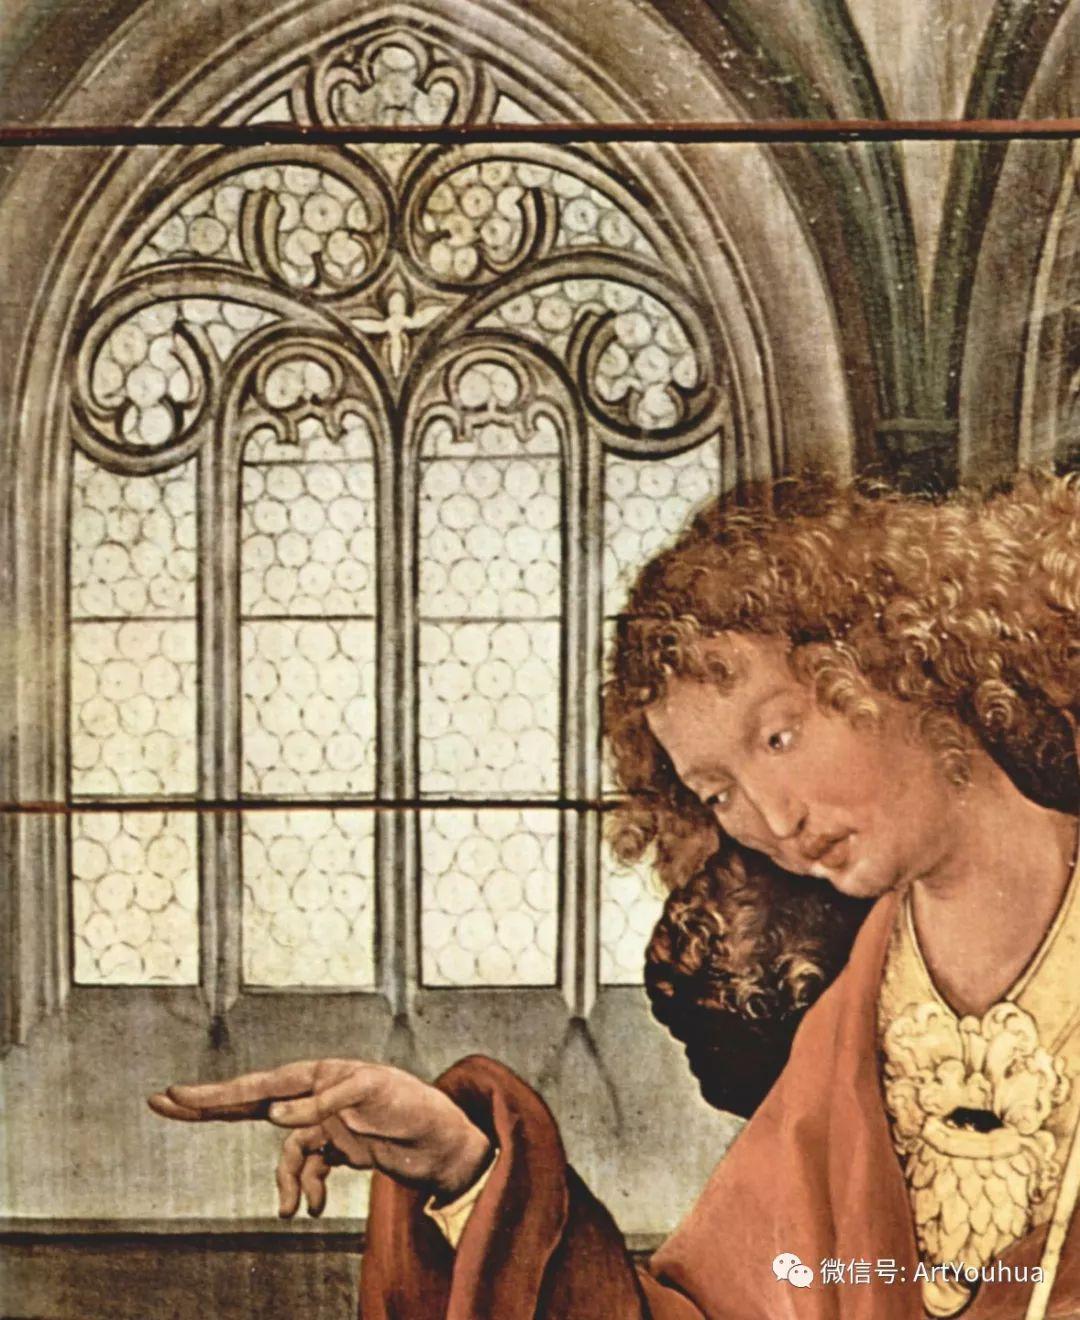 连载No.5 一生要知道的100位世界著名画家之格吕内瓦尔德插图103